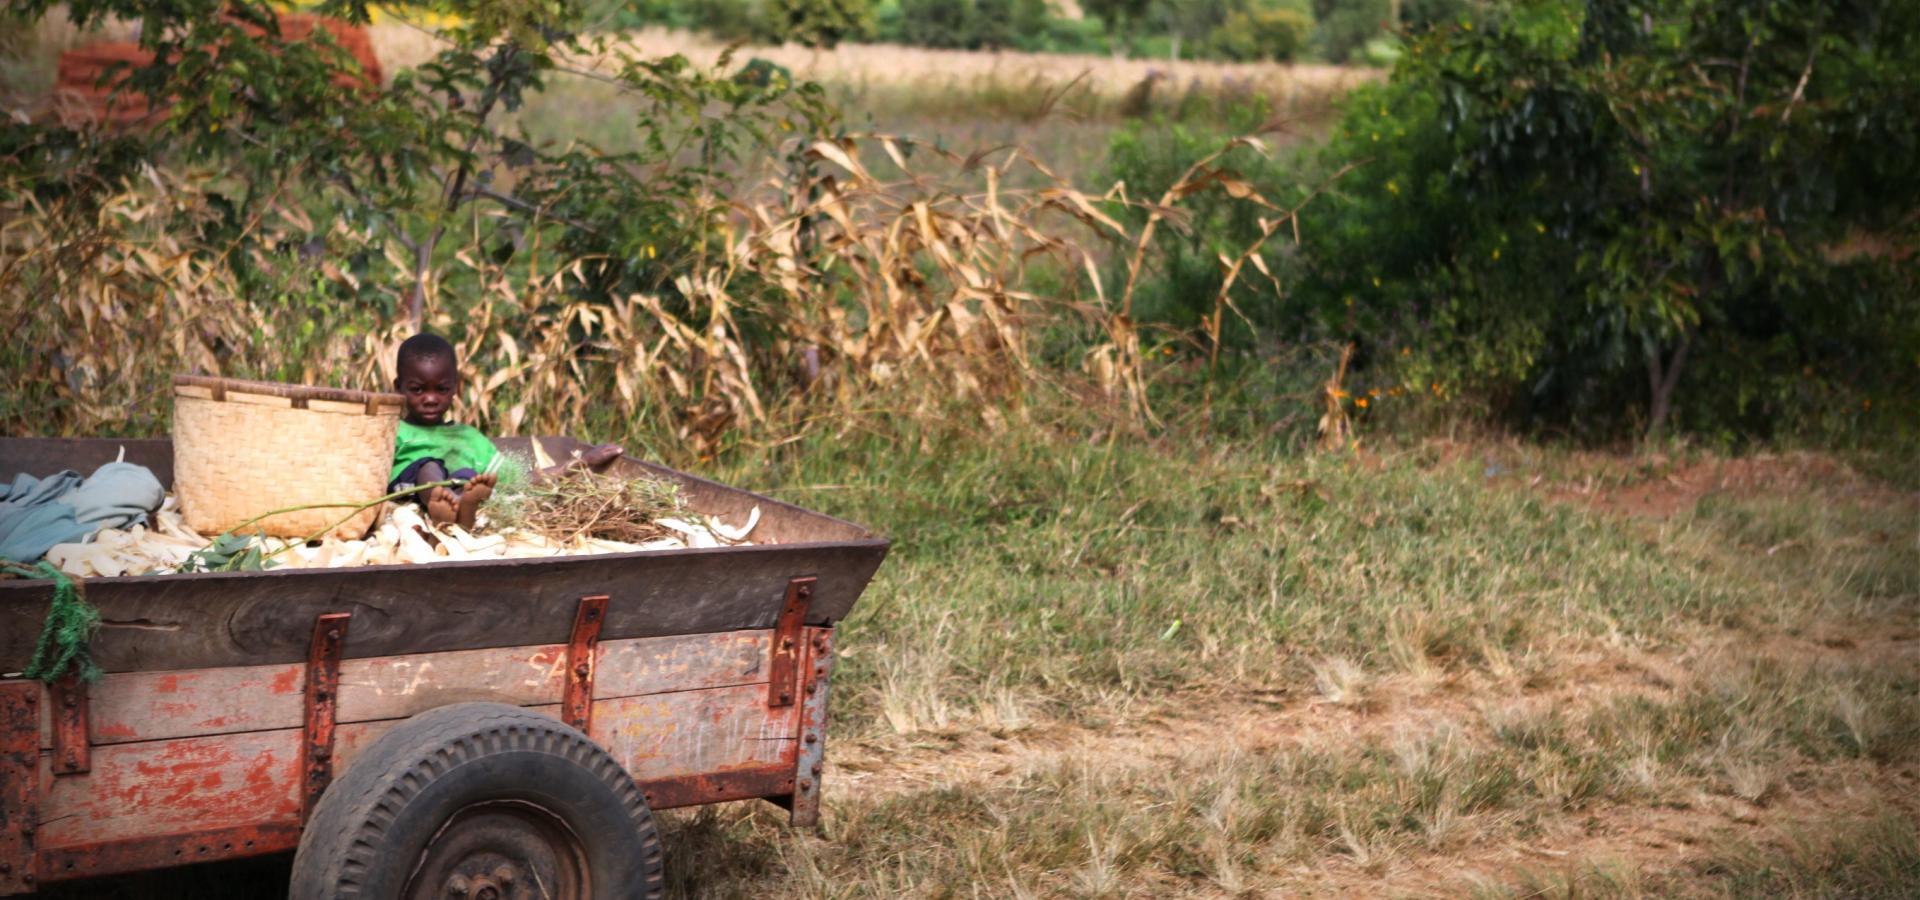 Lernen Sie die Menschen Malawis kennen und lassen sich von ihrer Lebensfreude anstecken